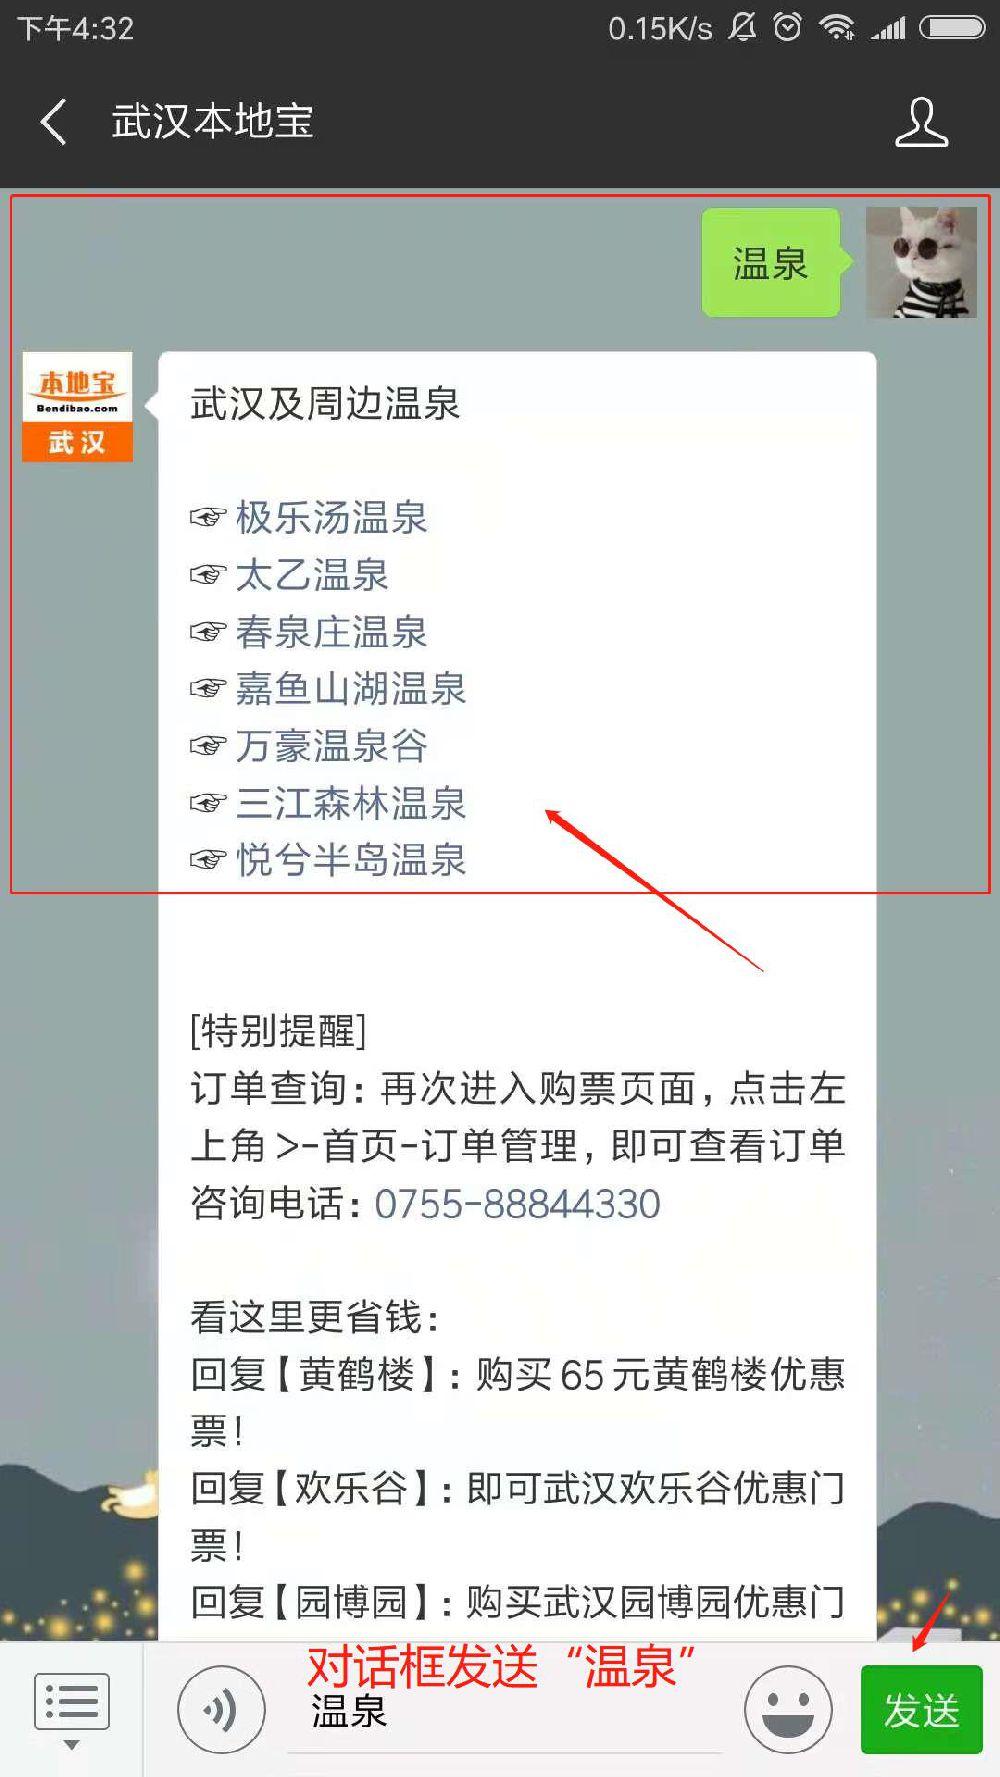 武汉及周边温泉介绍(附优惠门票)